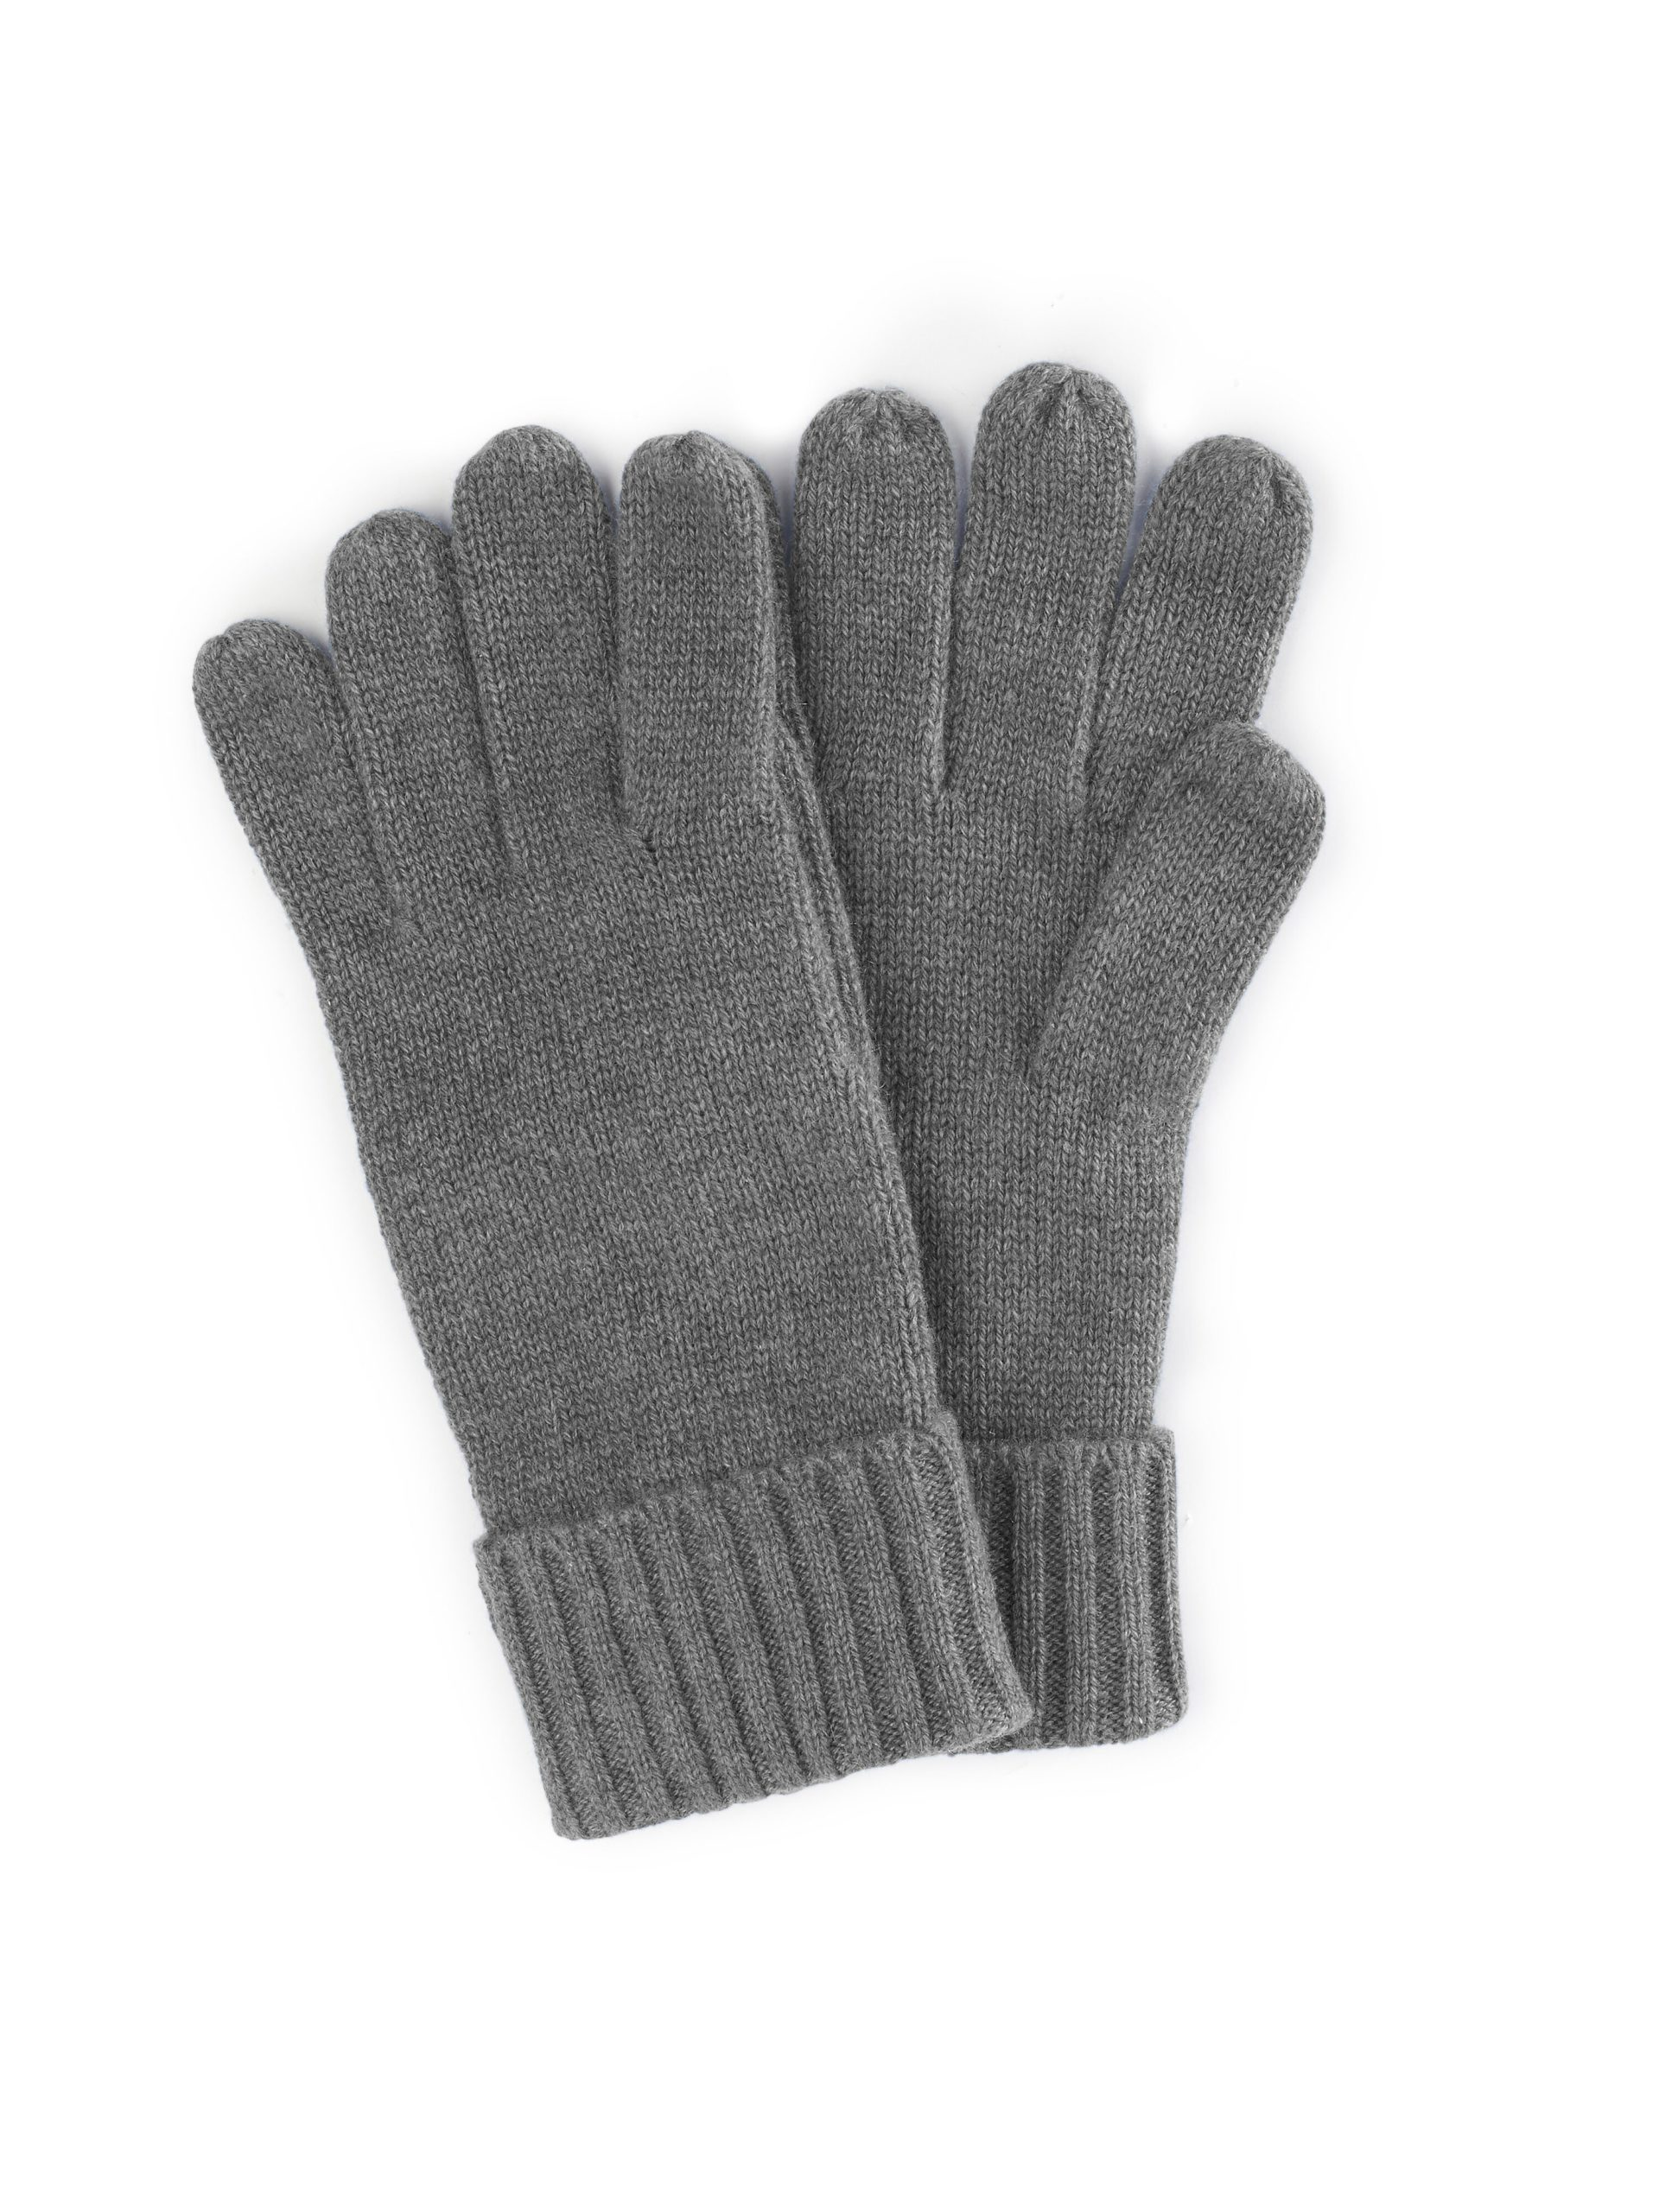 Handschoenen van 100% kasjmier Van Peter Hahn Cashmere grijs Kopen